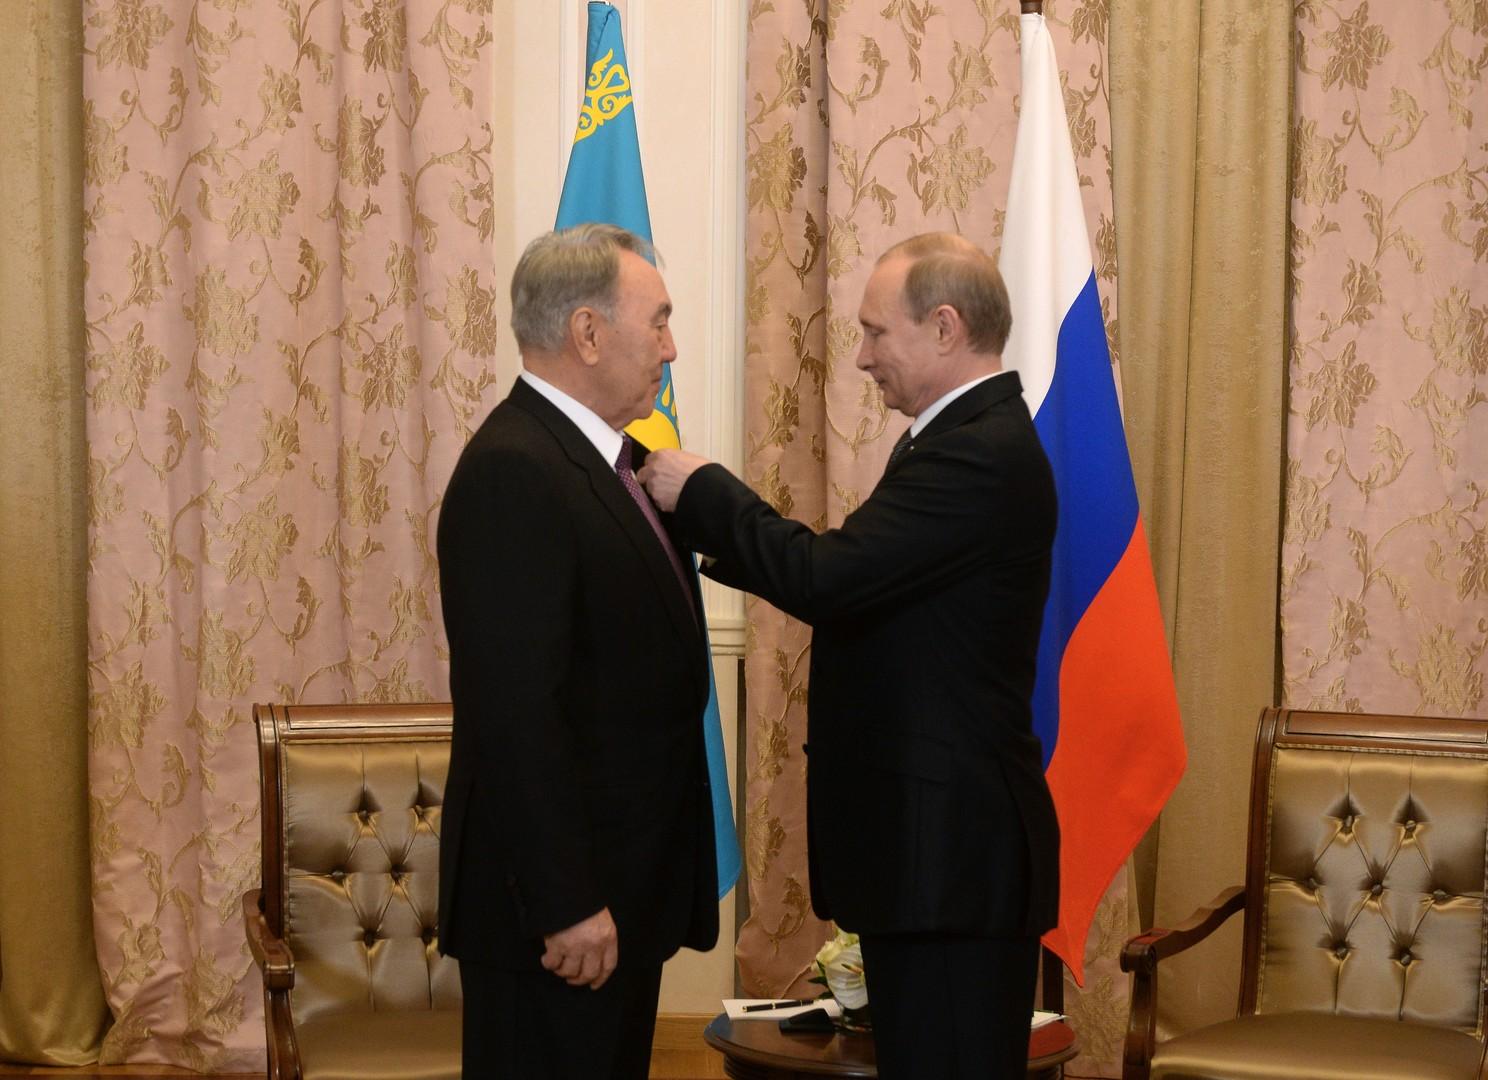 الرئيس الروسي فلاديمير بوتين يقلد الرئيس الكازاخستاني نور سلطان نزاربايف  وسام ألكسندر نيفسكي